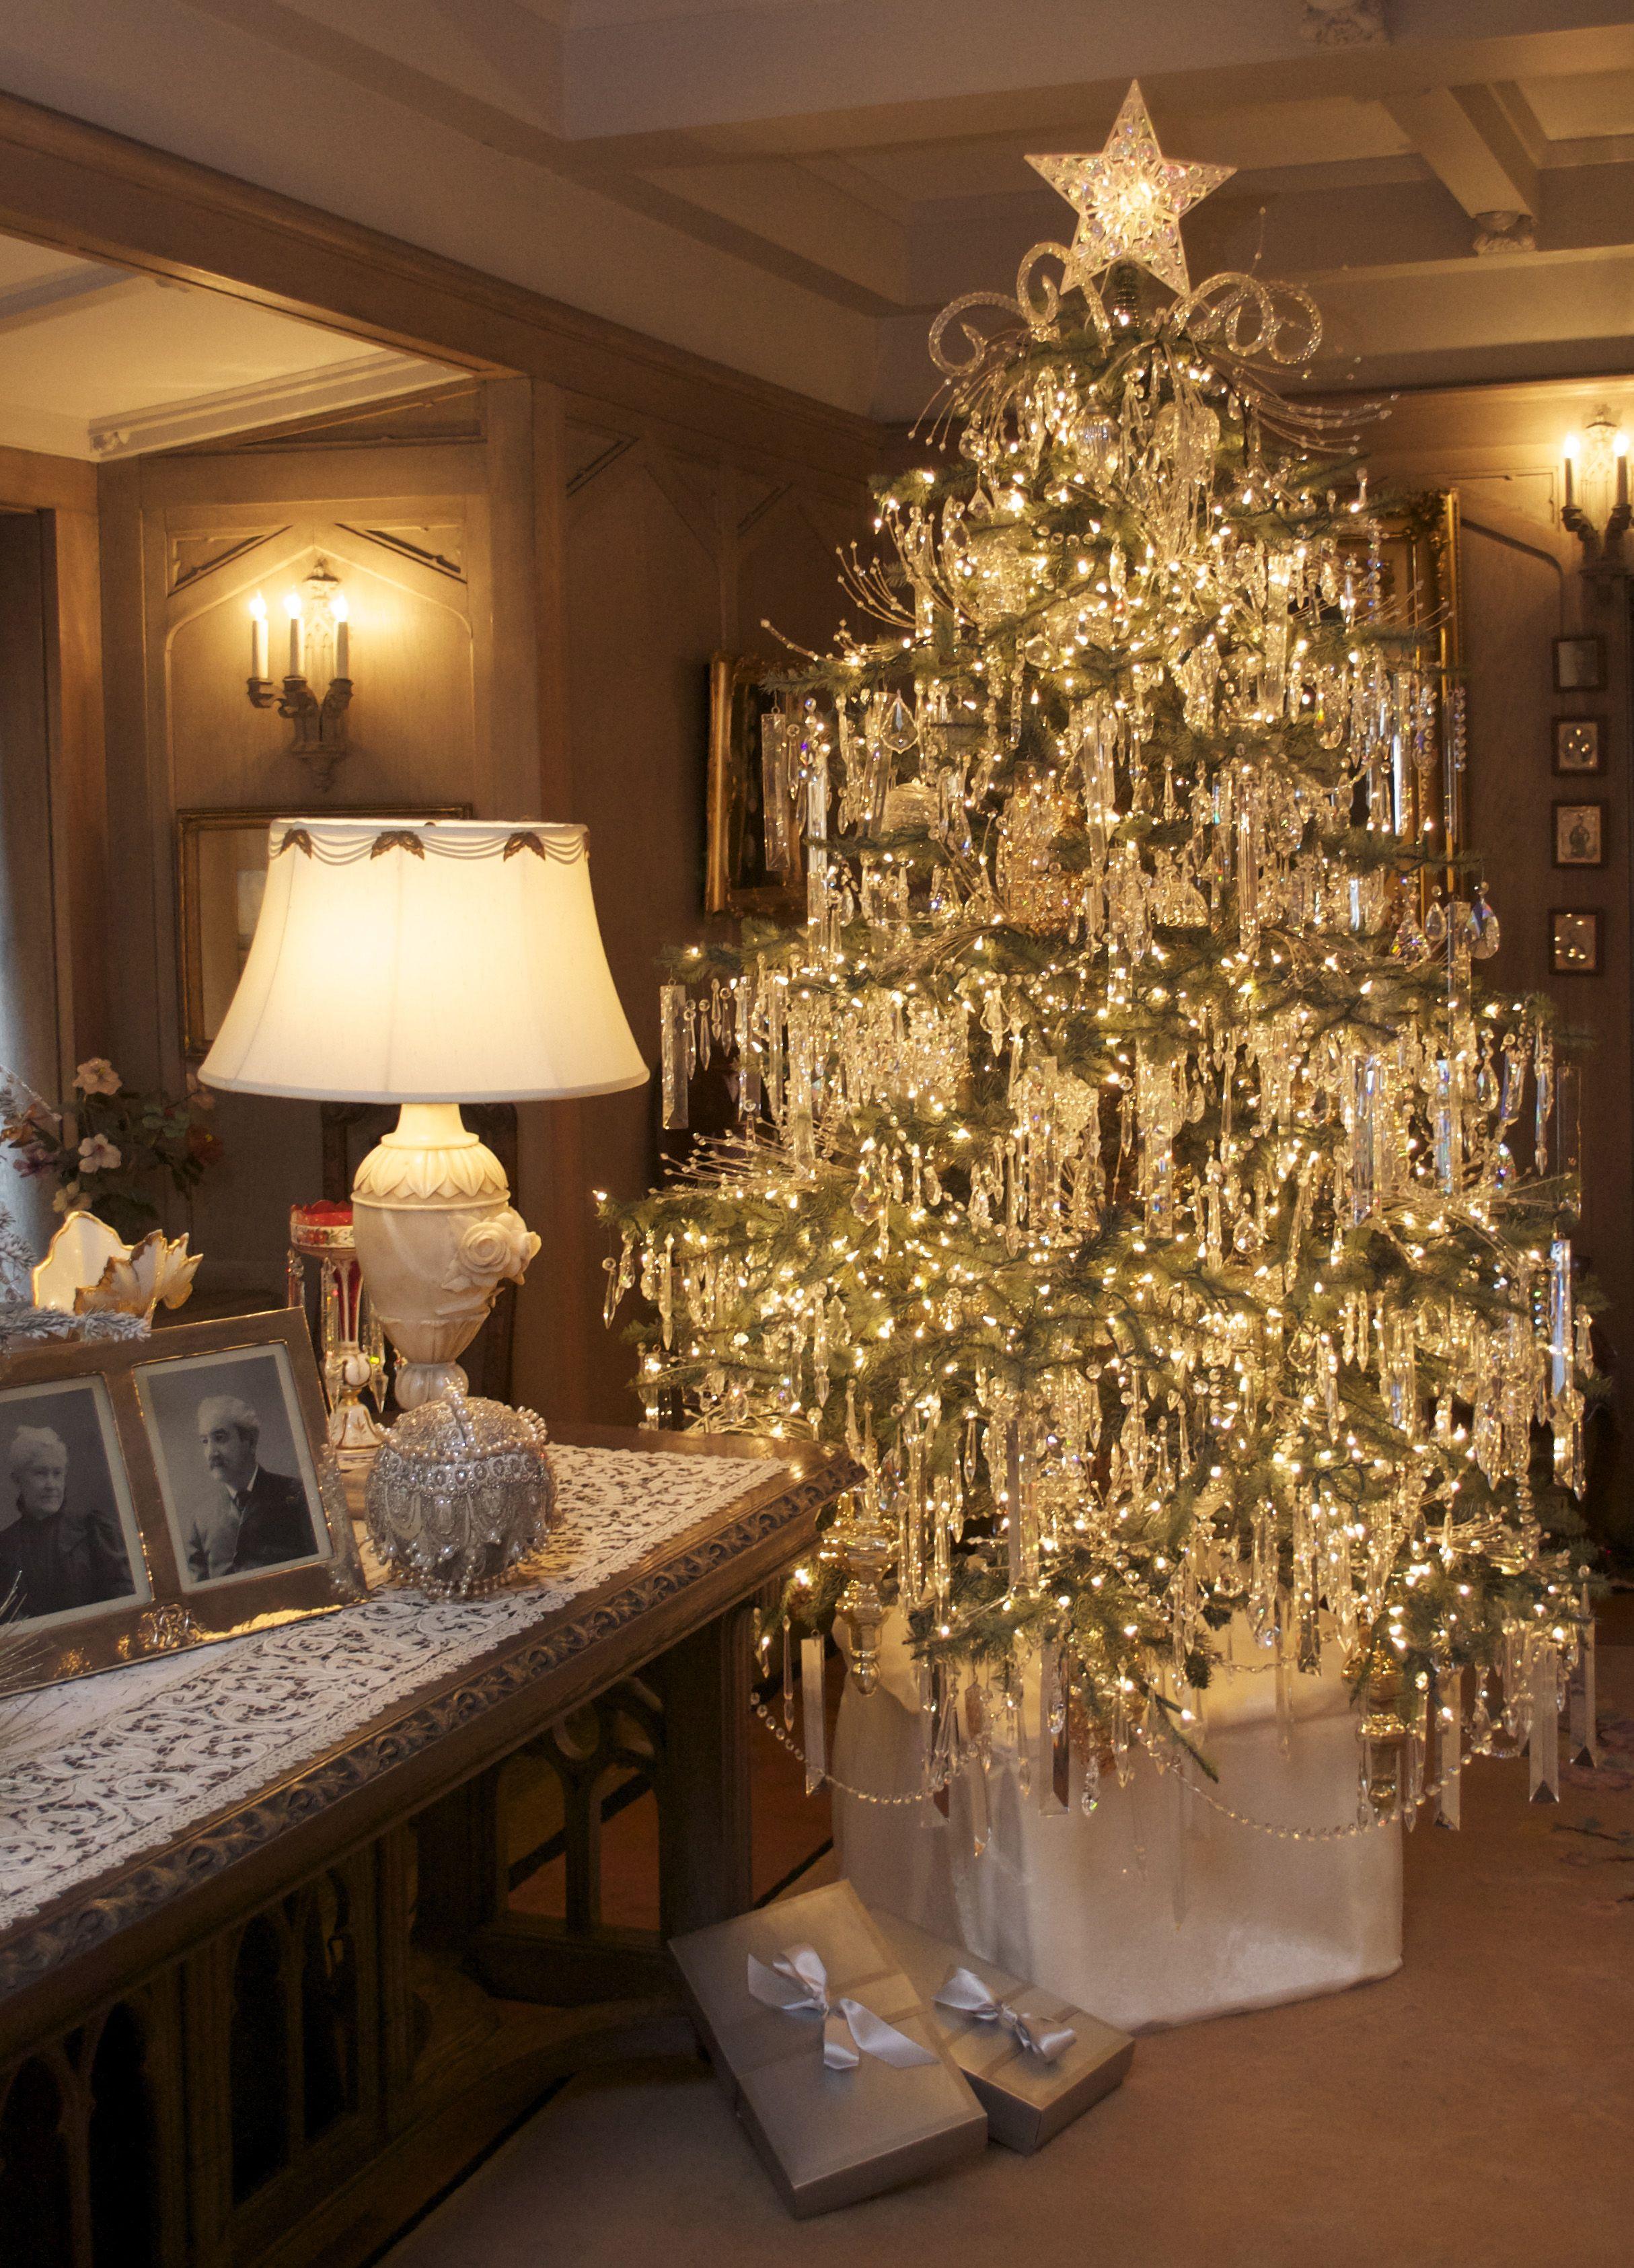 Crystal Tree Christmas Decorations 2015 Christmas Past Christmas Tree Decorations